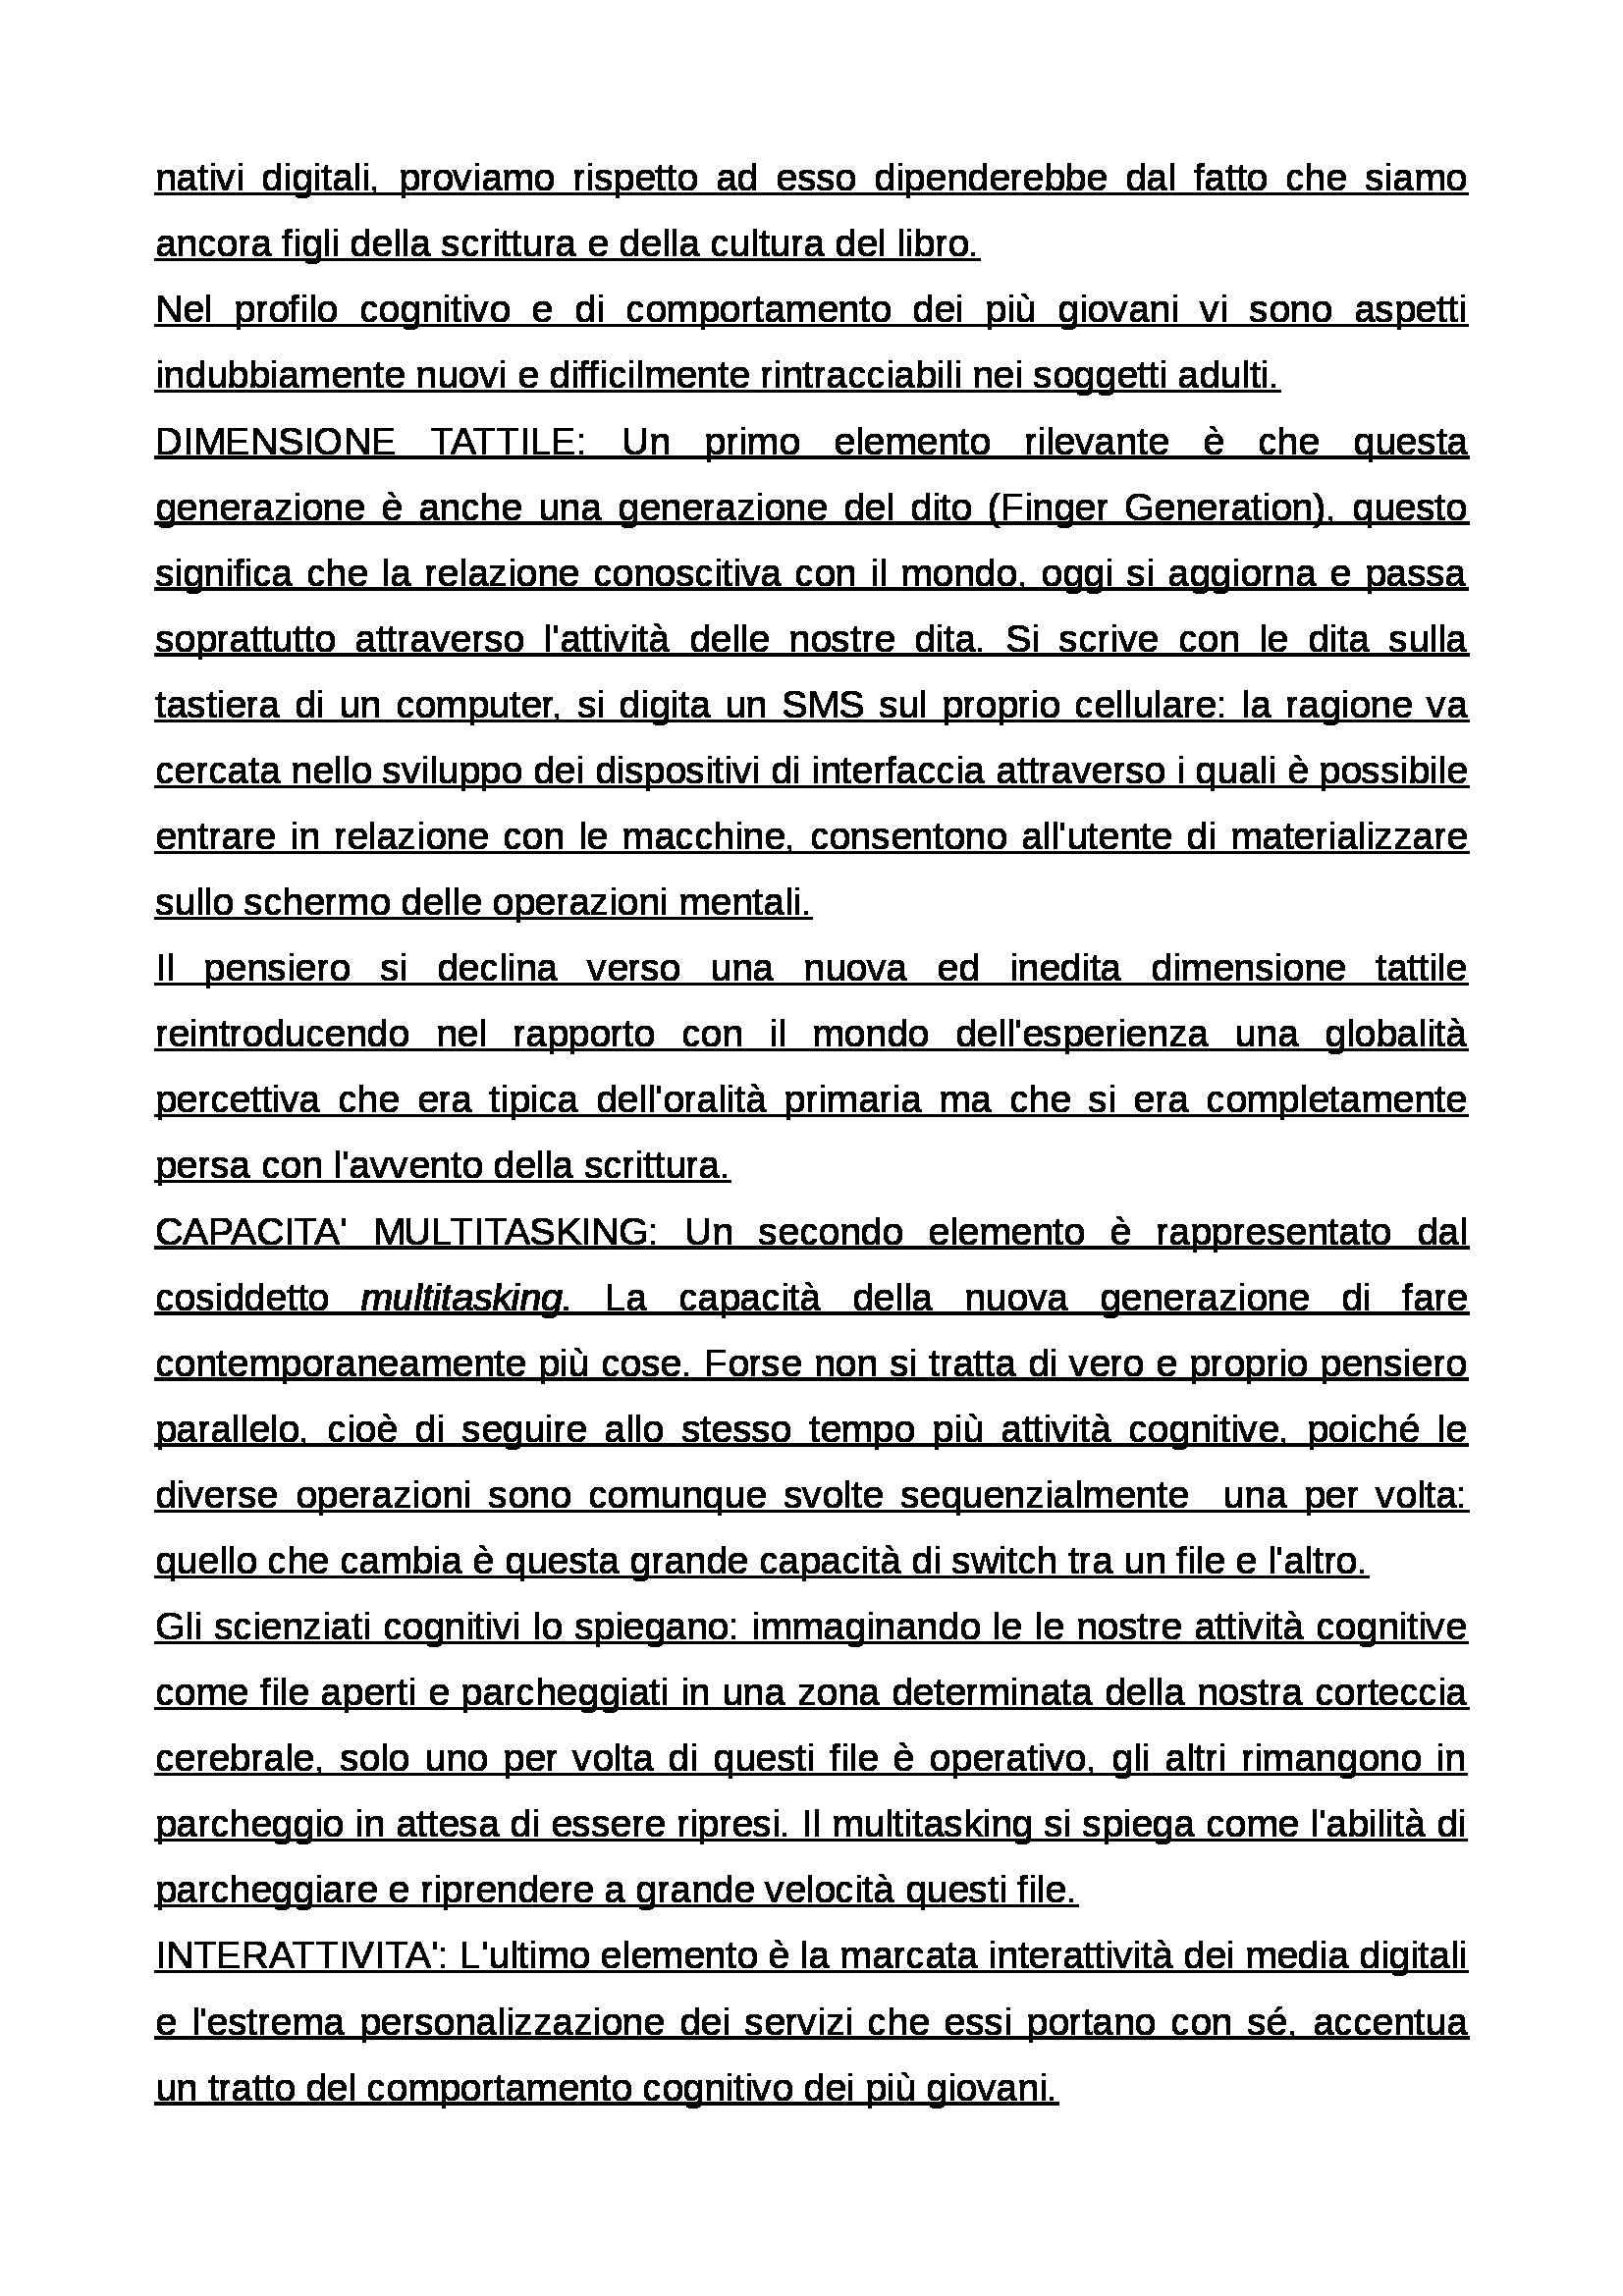 Riassunto esame Educazione mediale, prof. Faiella, libro consigliato Media e tecnologie per la didattica, Ardizzone, Rivoltella Pag. 21